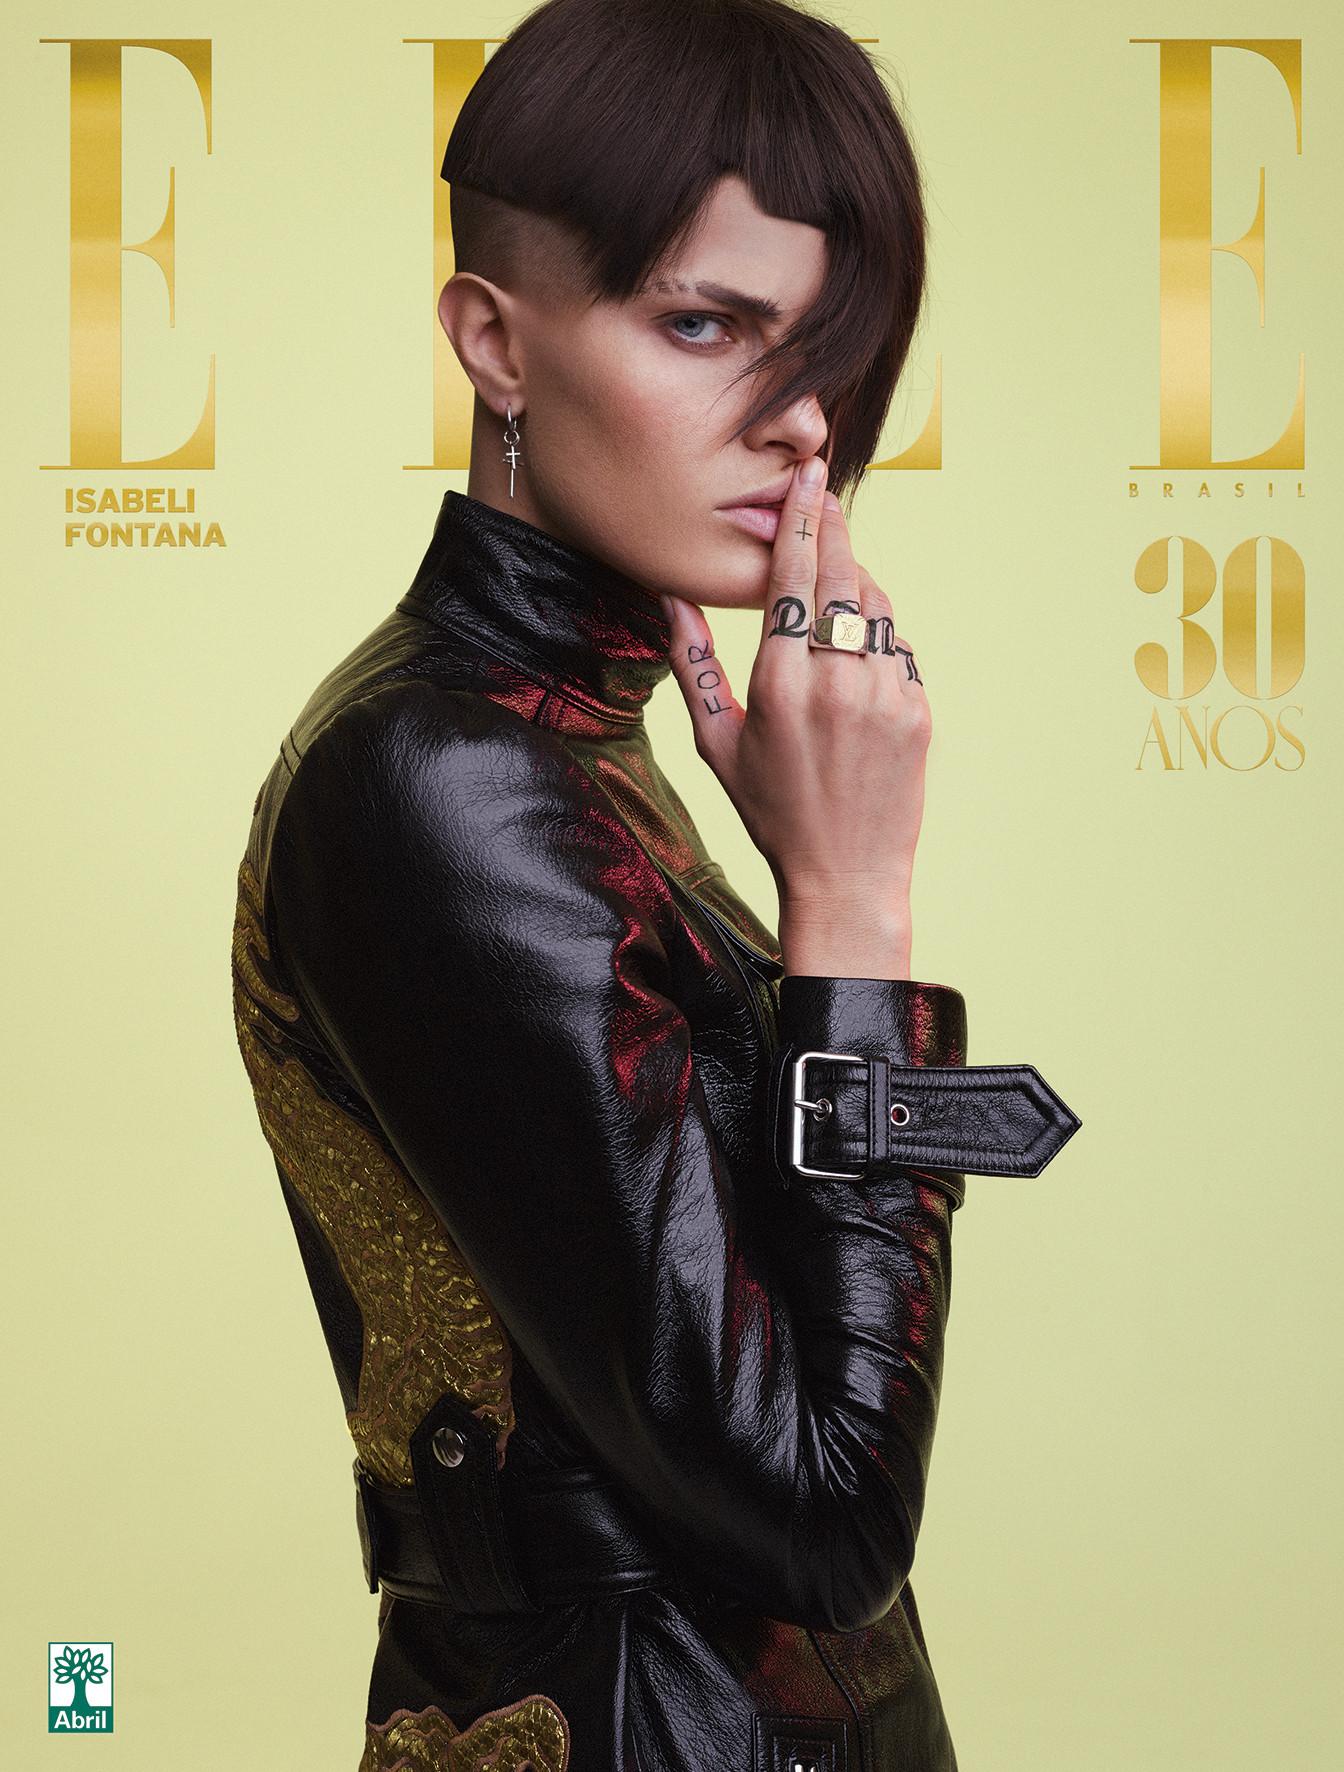 Agencias de Modelos - Isabeli Fontana para Elle Brasil Maio 2018 03